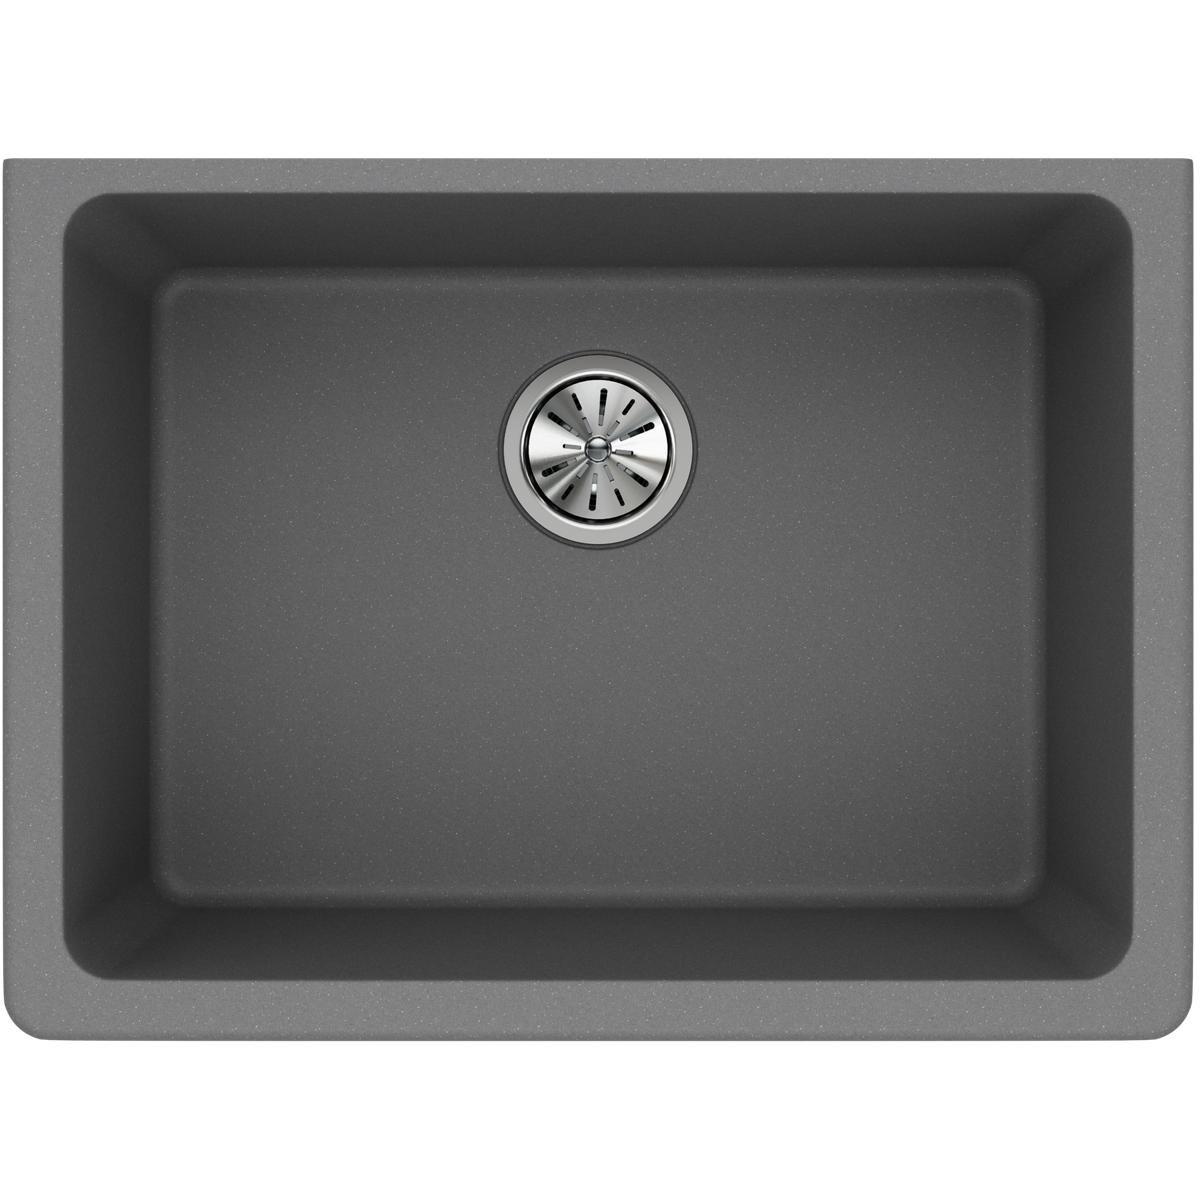 Elkay Quartz Classic ELGU2522GS0 Greystone Single Bowl Undermount Sink